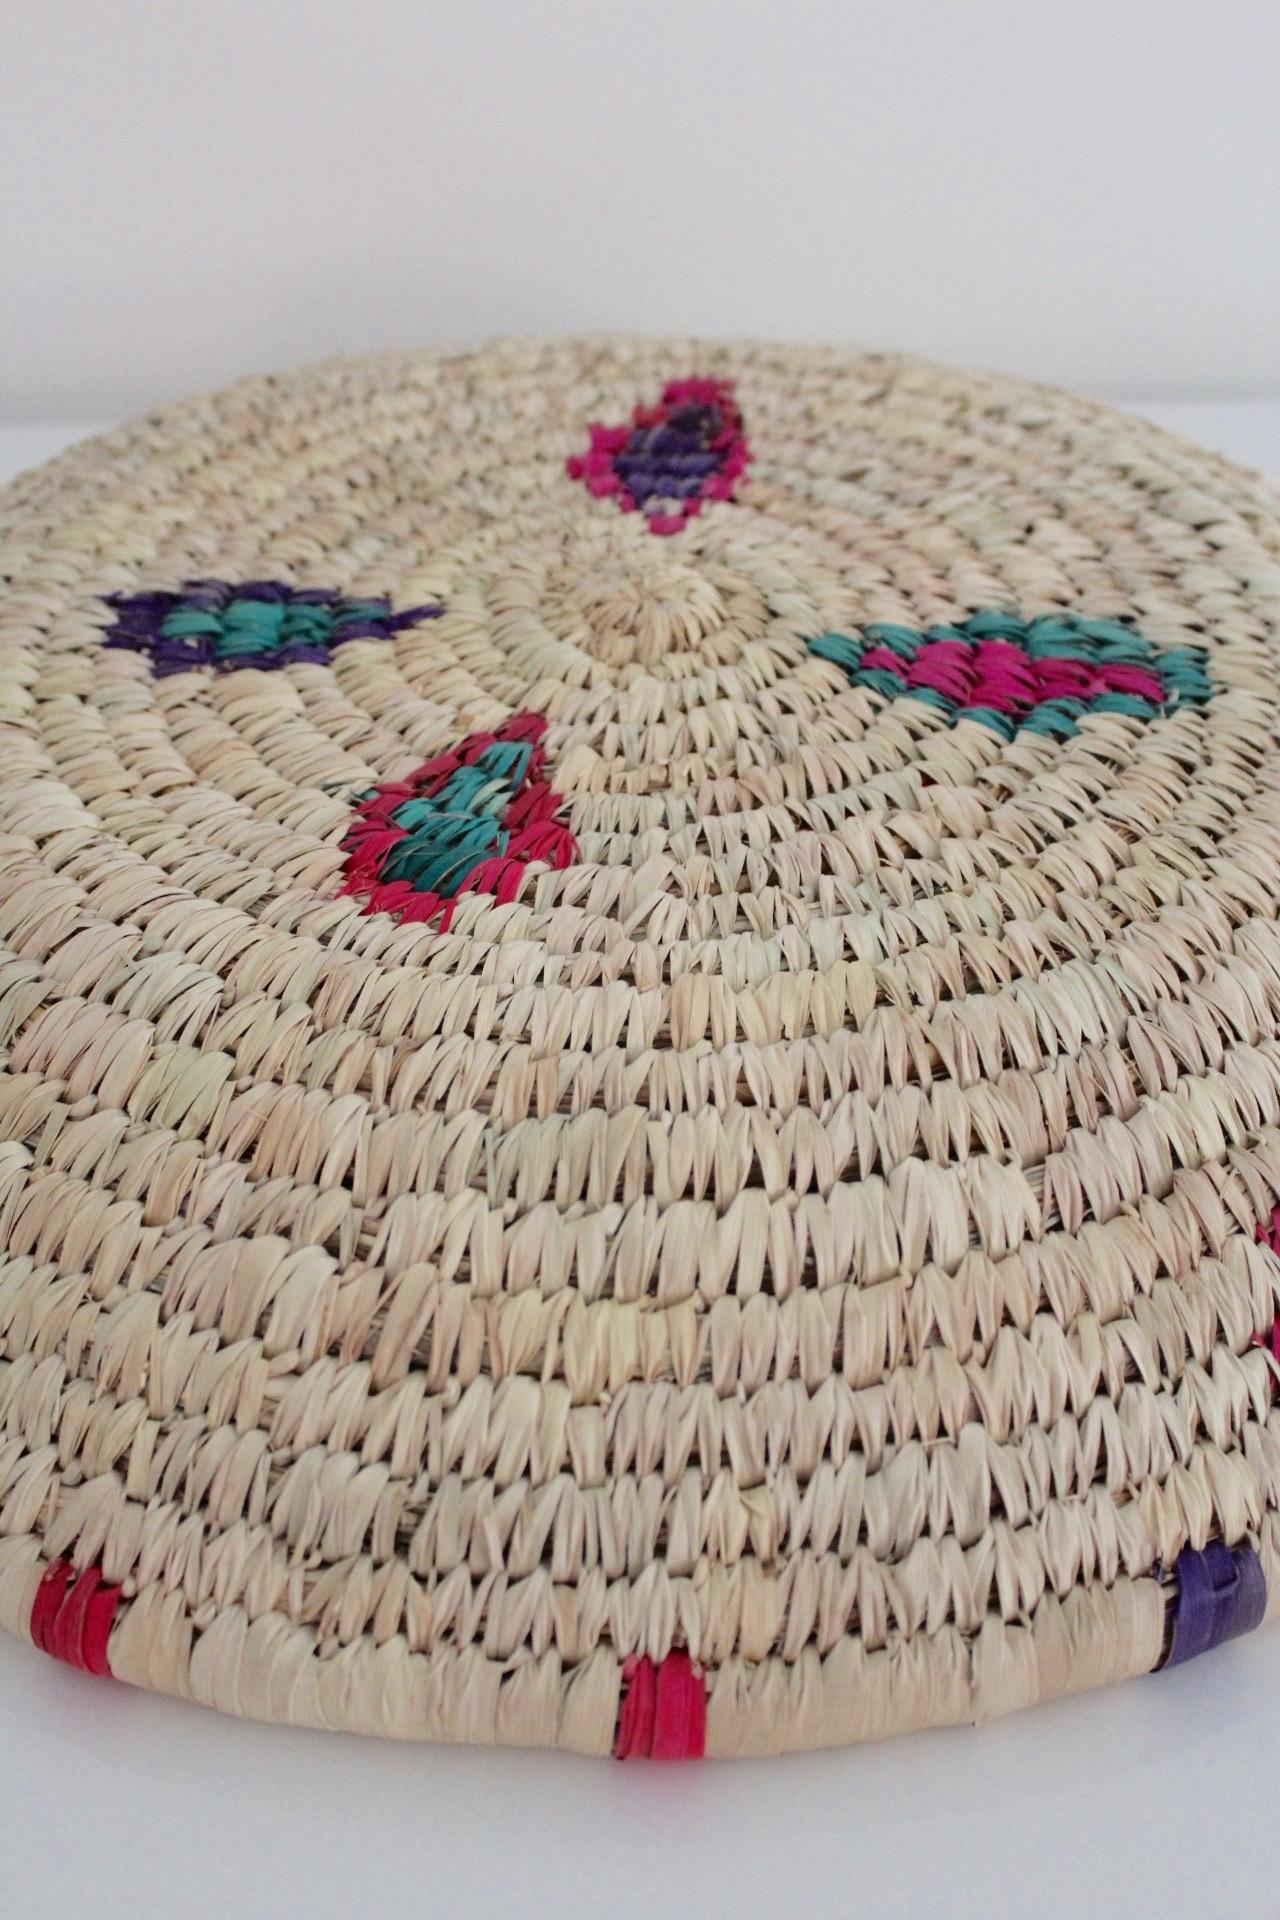 Riadlifestyle Moroccan basket XL